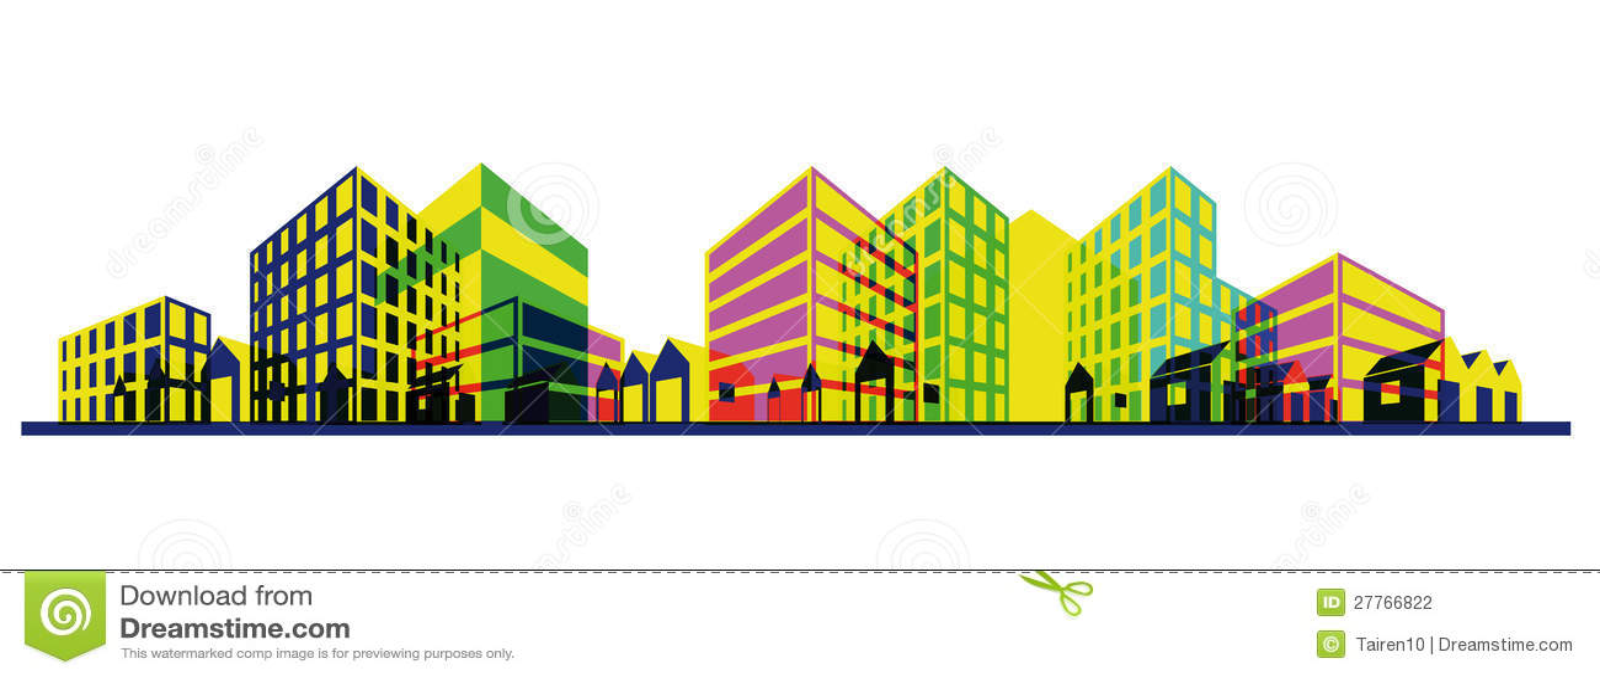 Silhouette colorée de ville. Retrait de point de vue